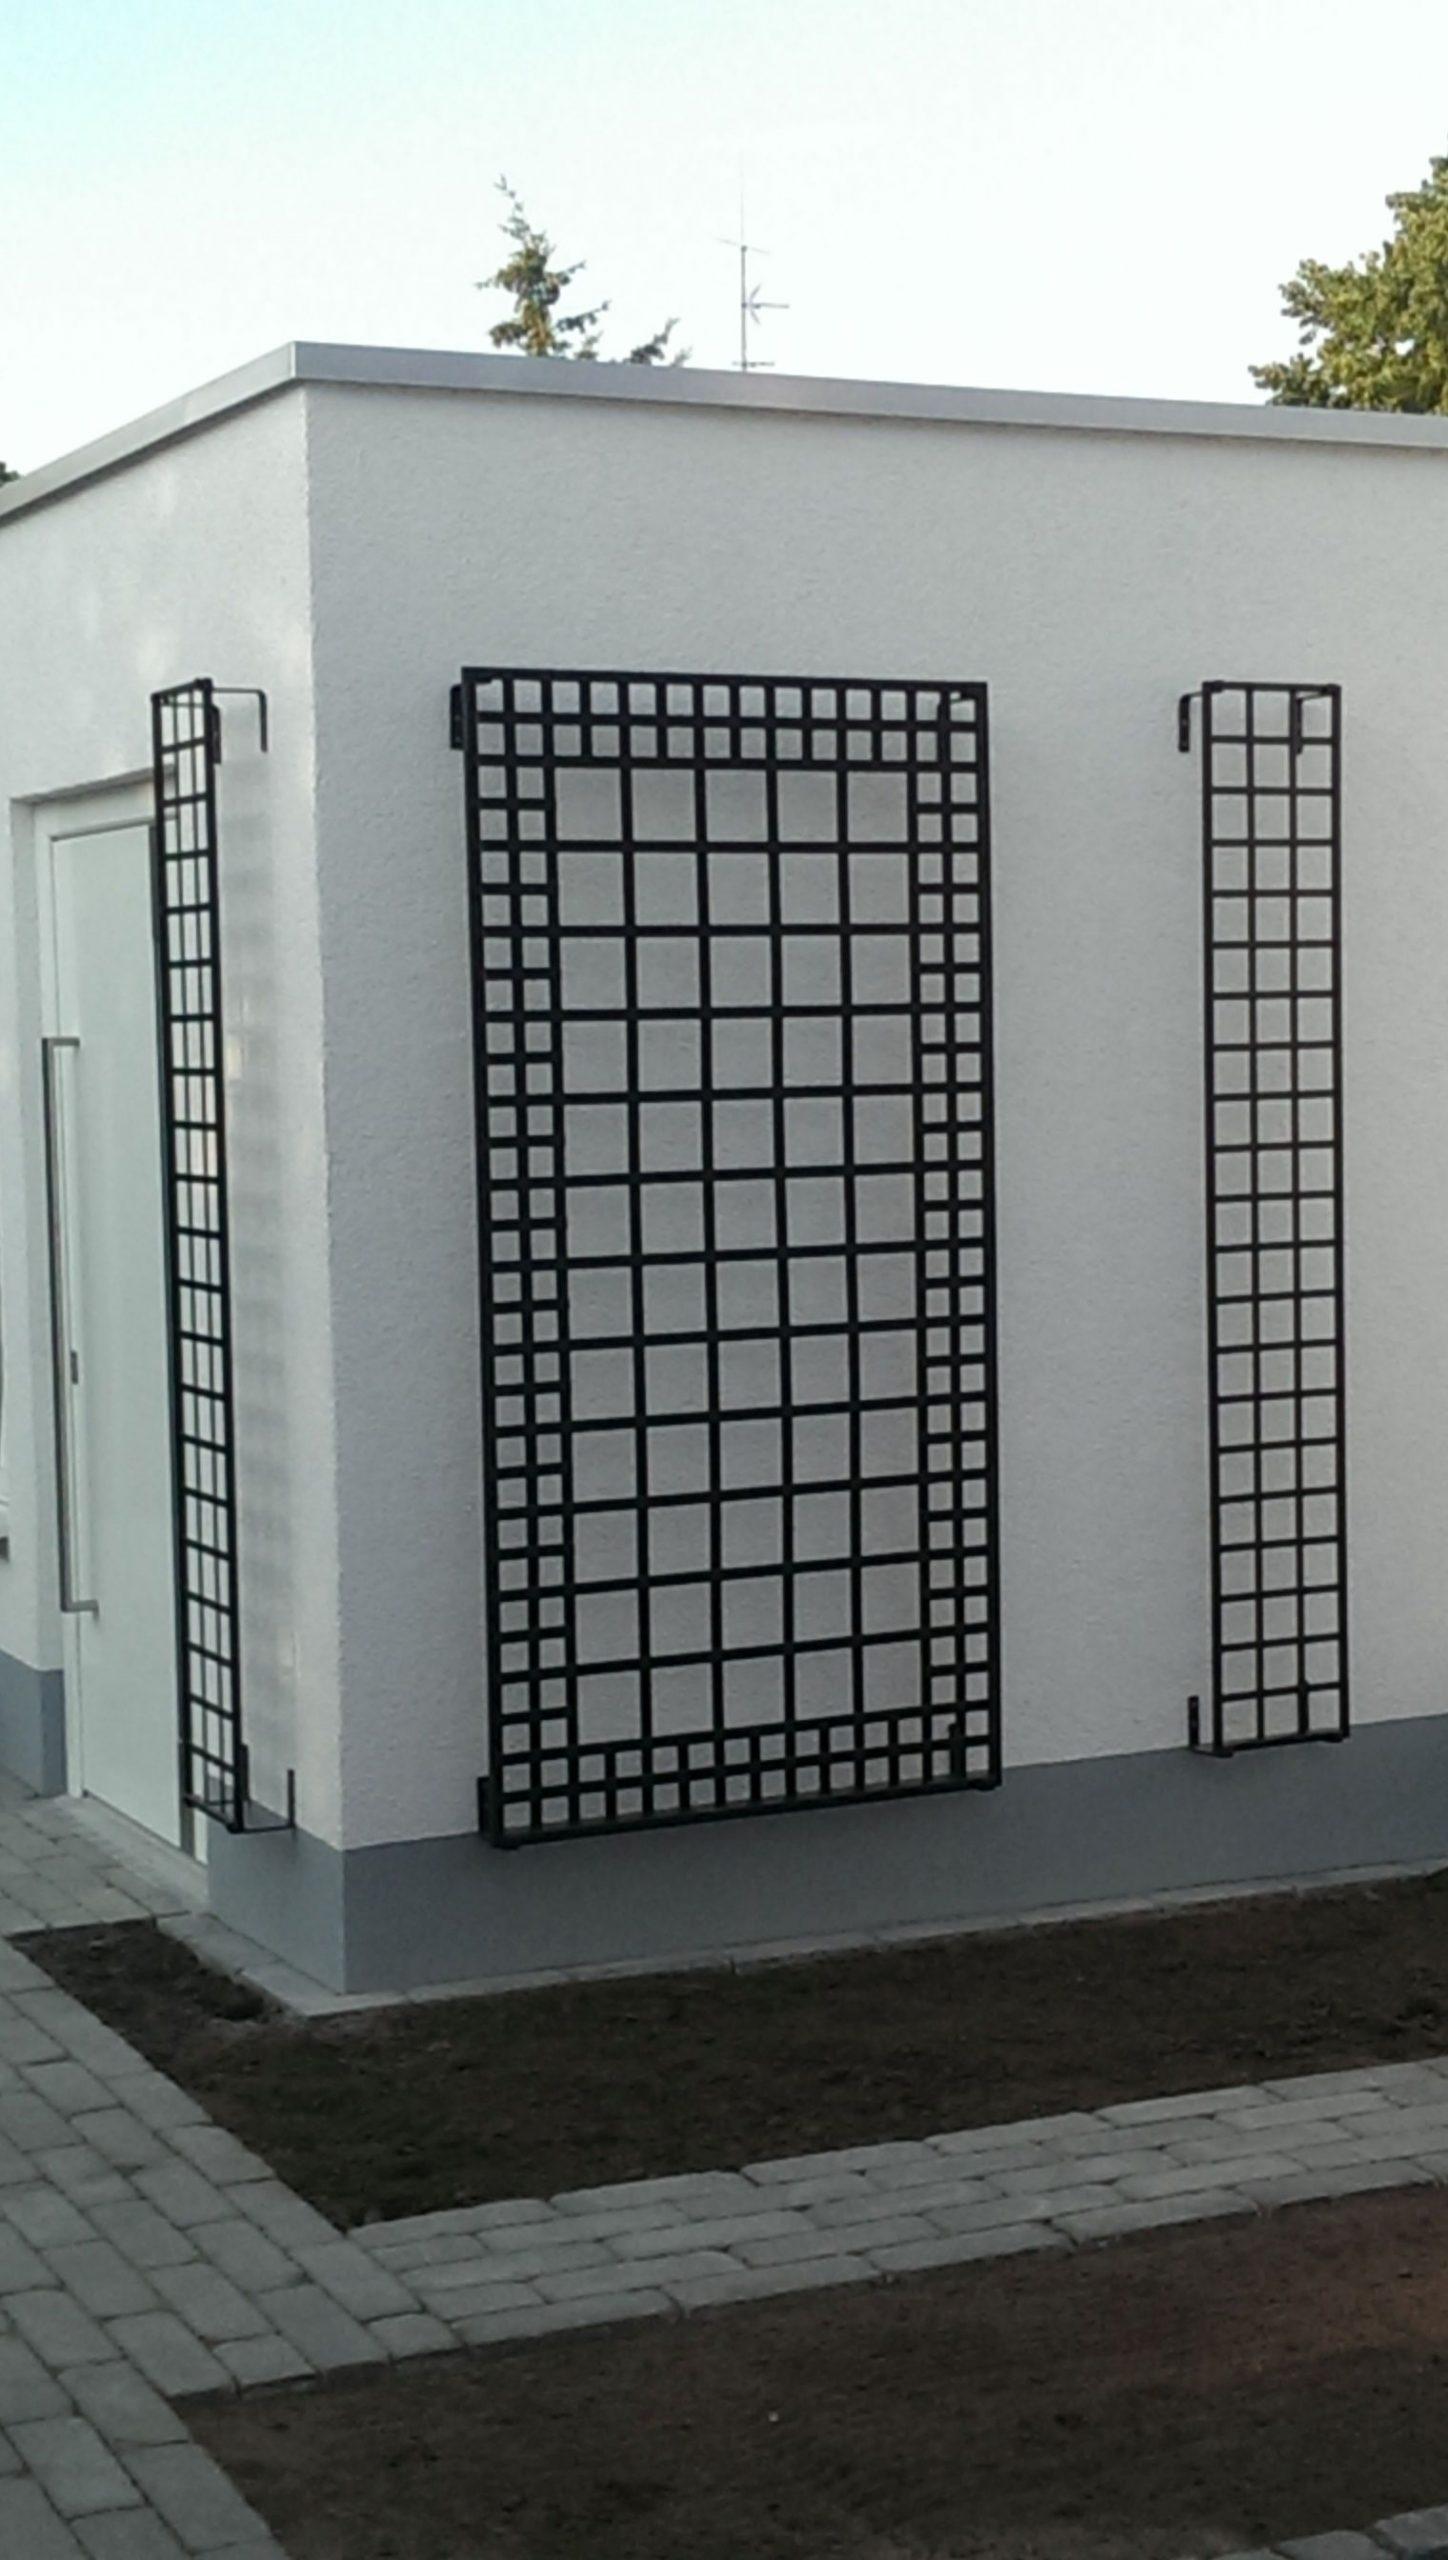 Drei Wandrankgitter an weißer Wand. Hochwertig und exklusiv